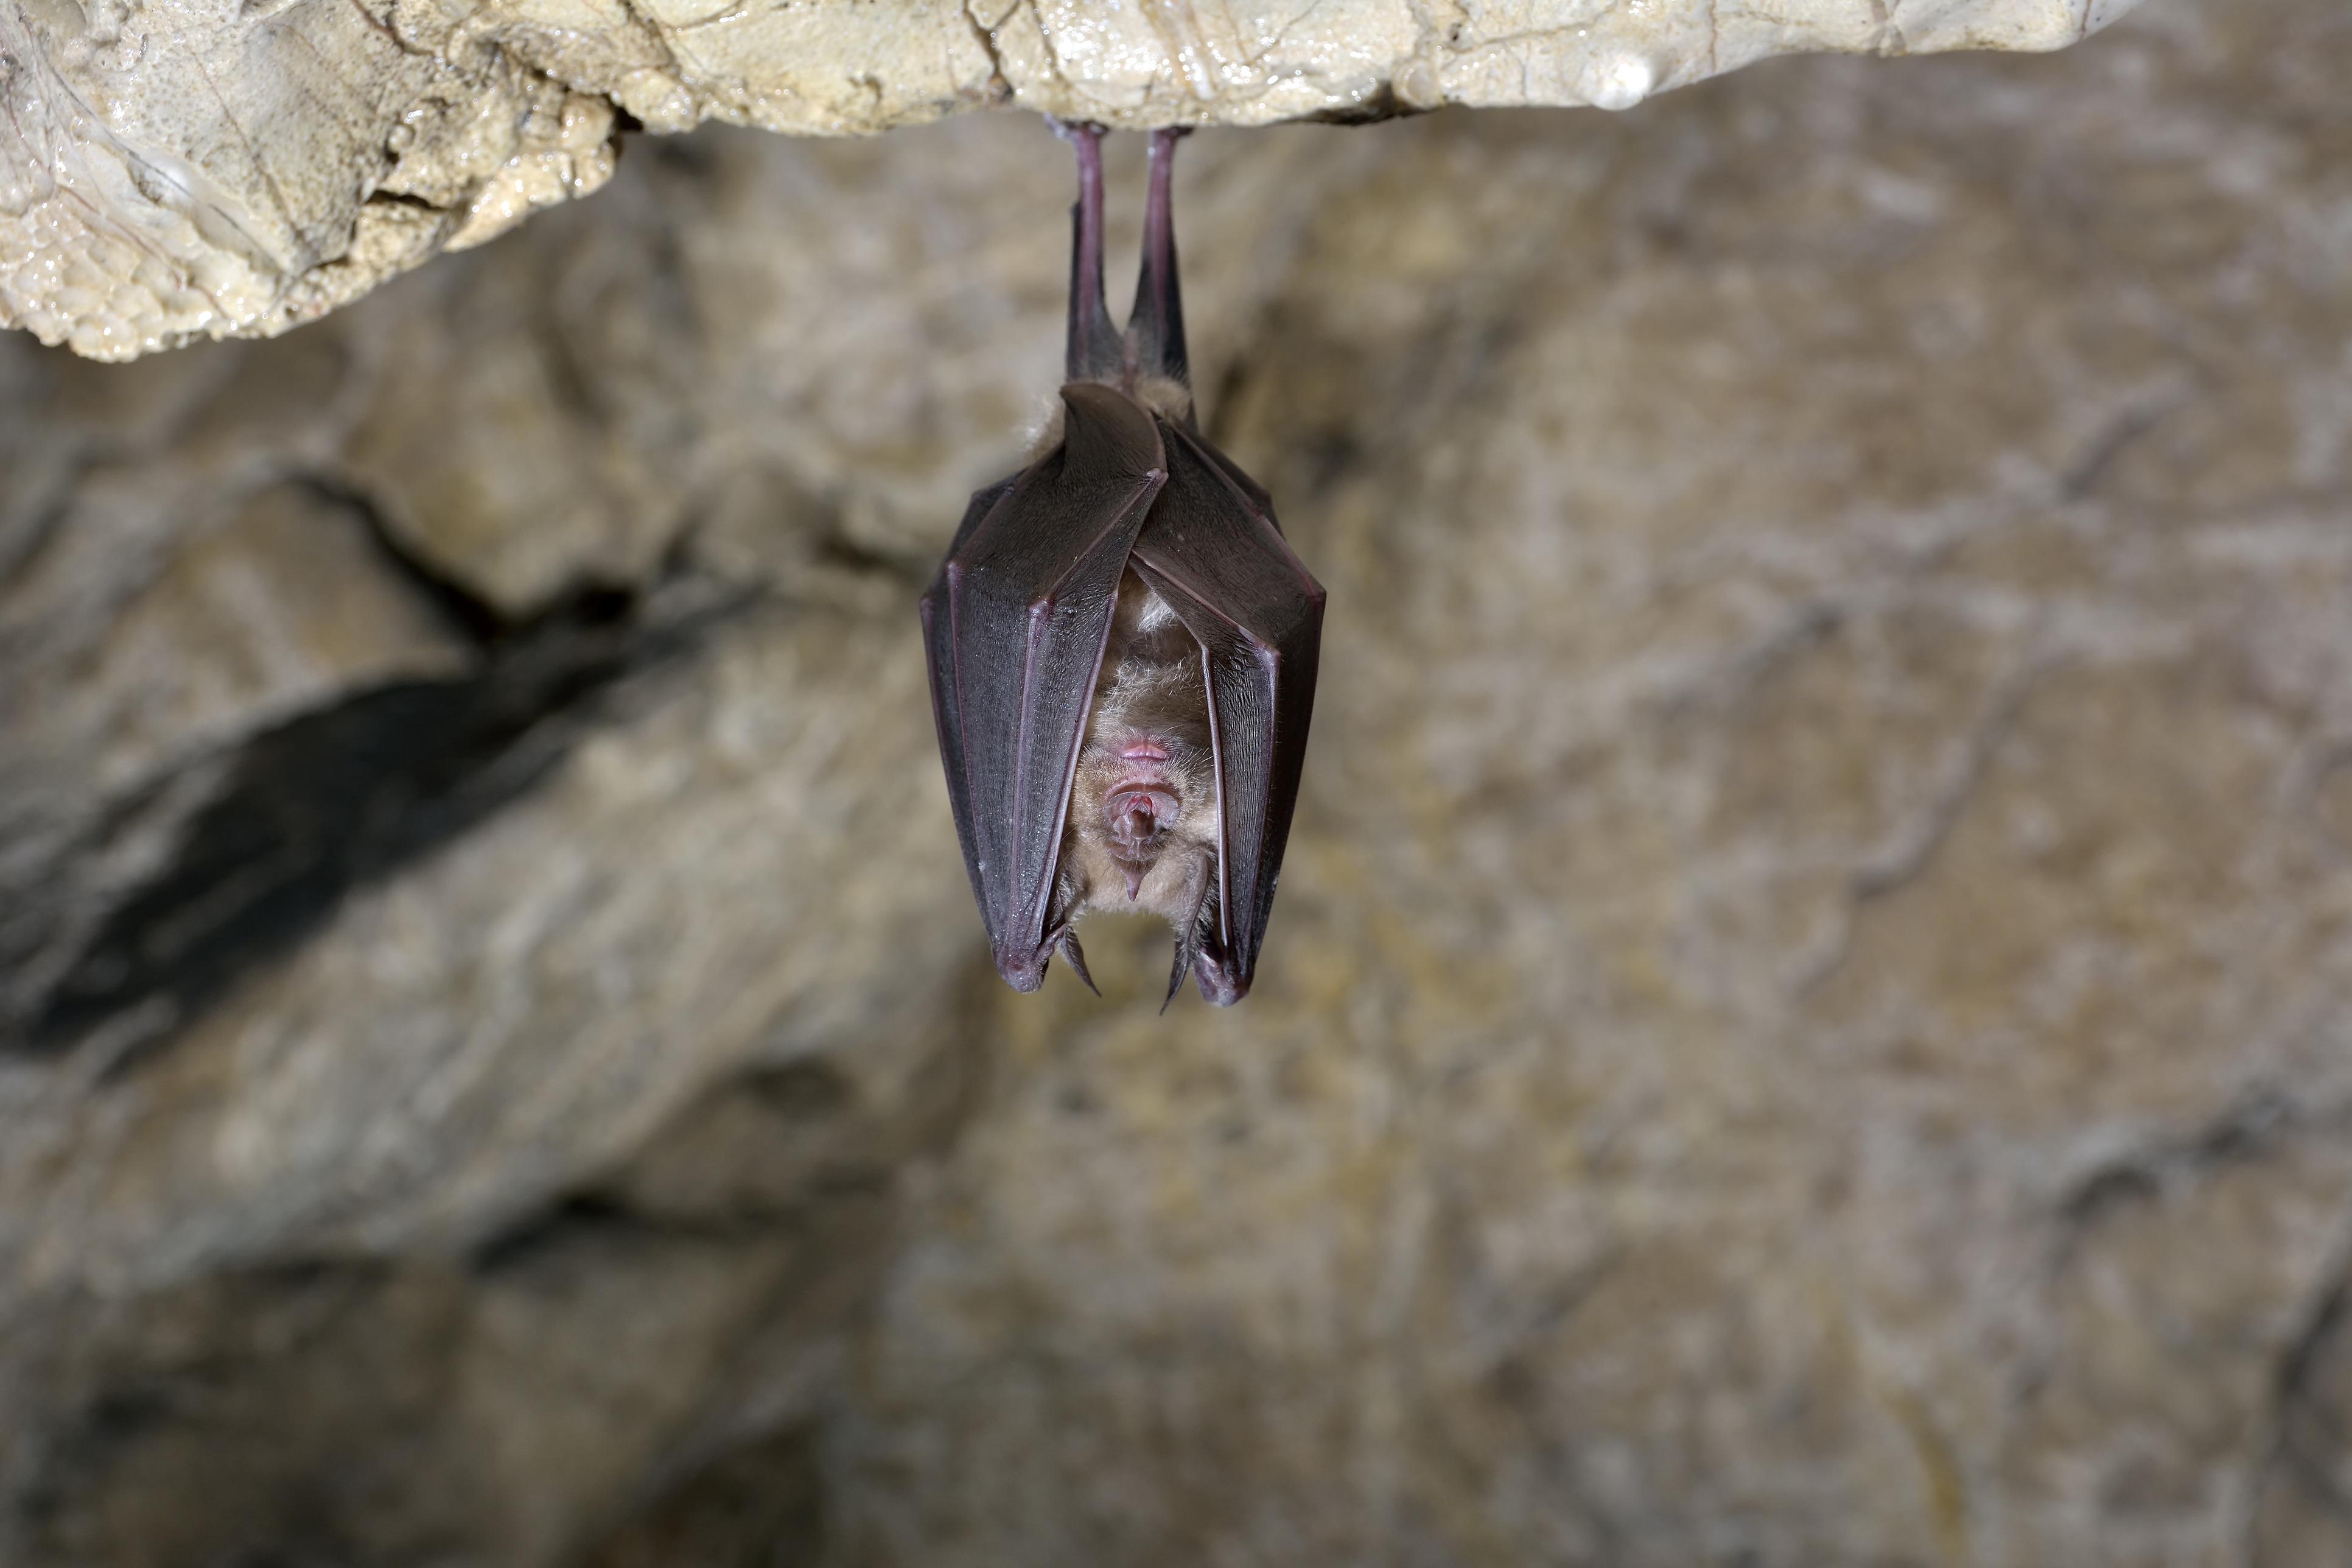 有柬埔寨研究發現,10年前於柬埔寨北部從蝙蝠身上採集的樣本,與目前全球擴散的新冠病毒非常相似。